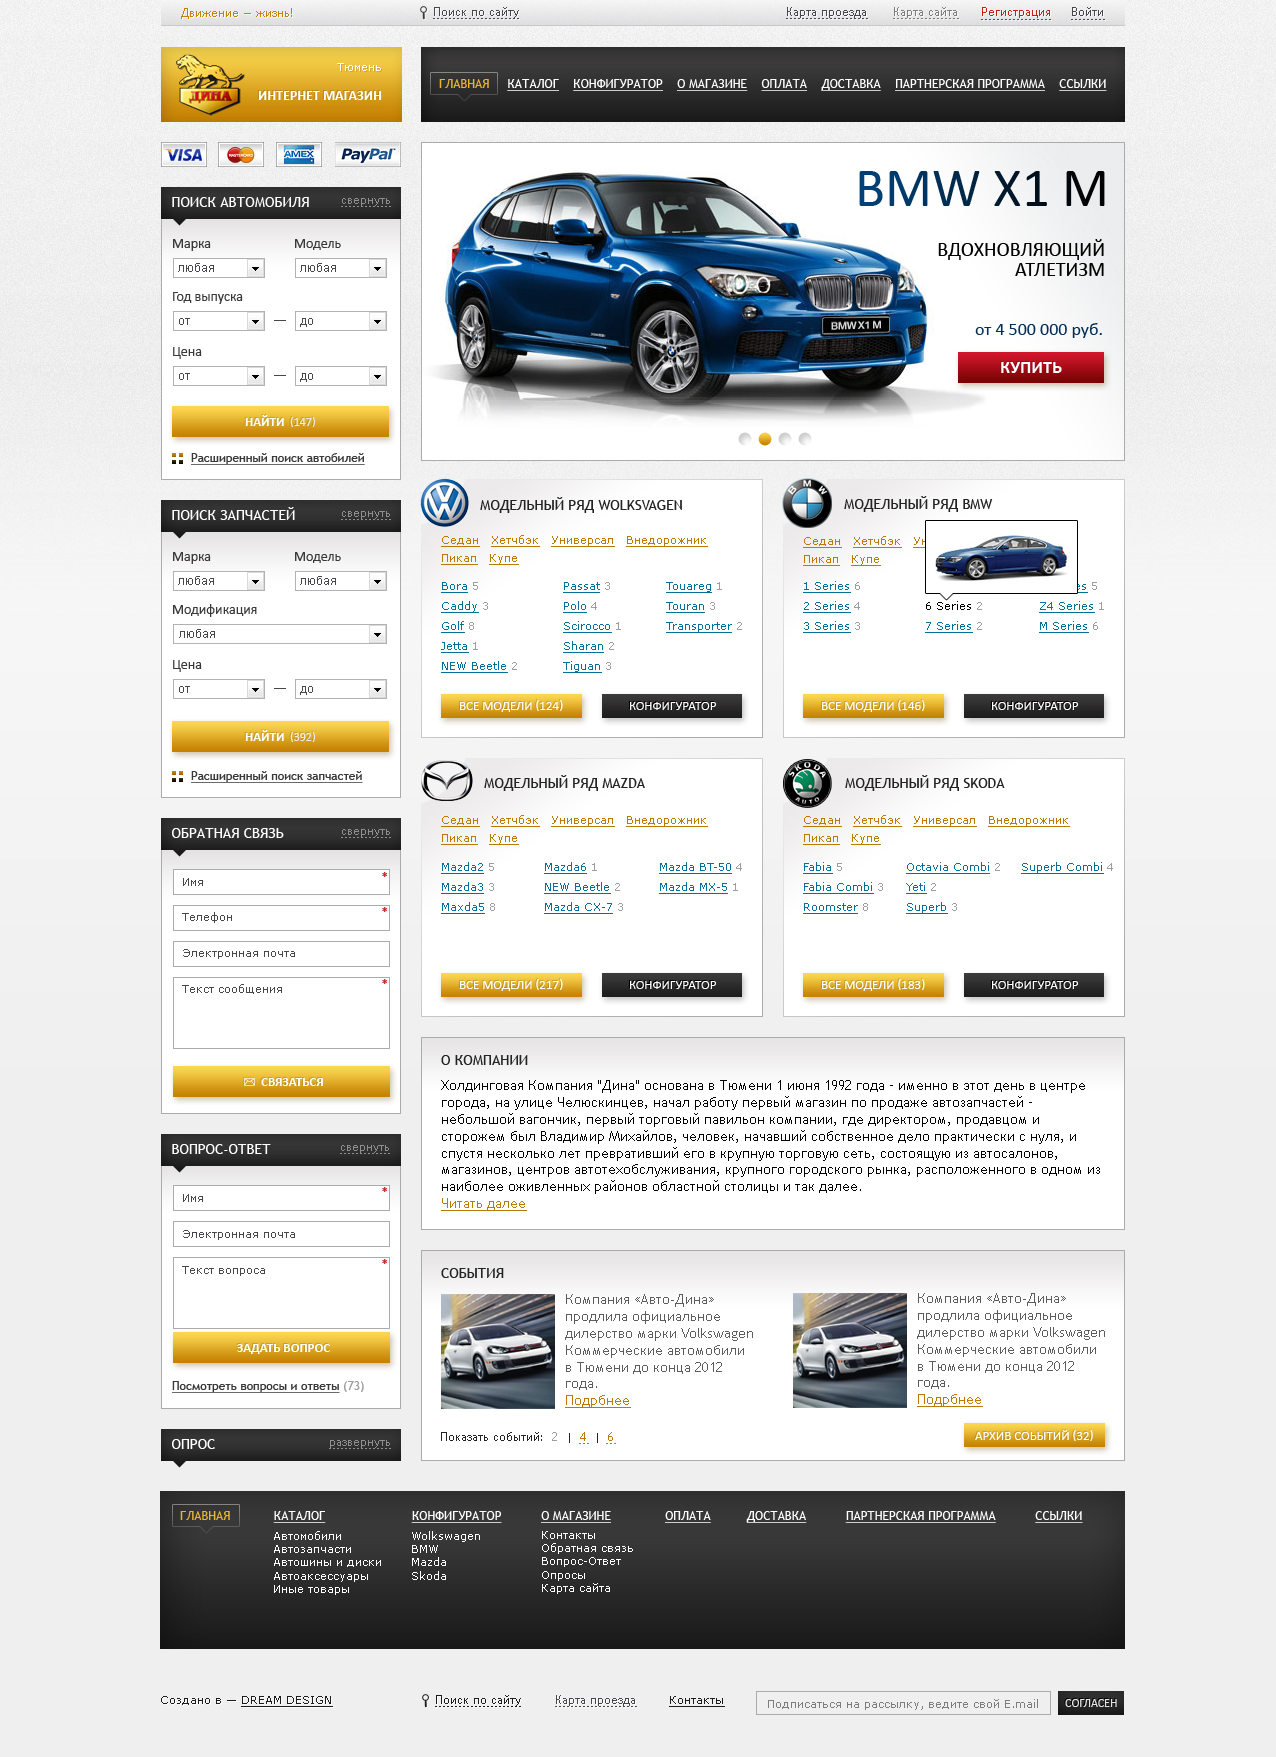 Дина моторс - интернет магазин автомобилей